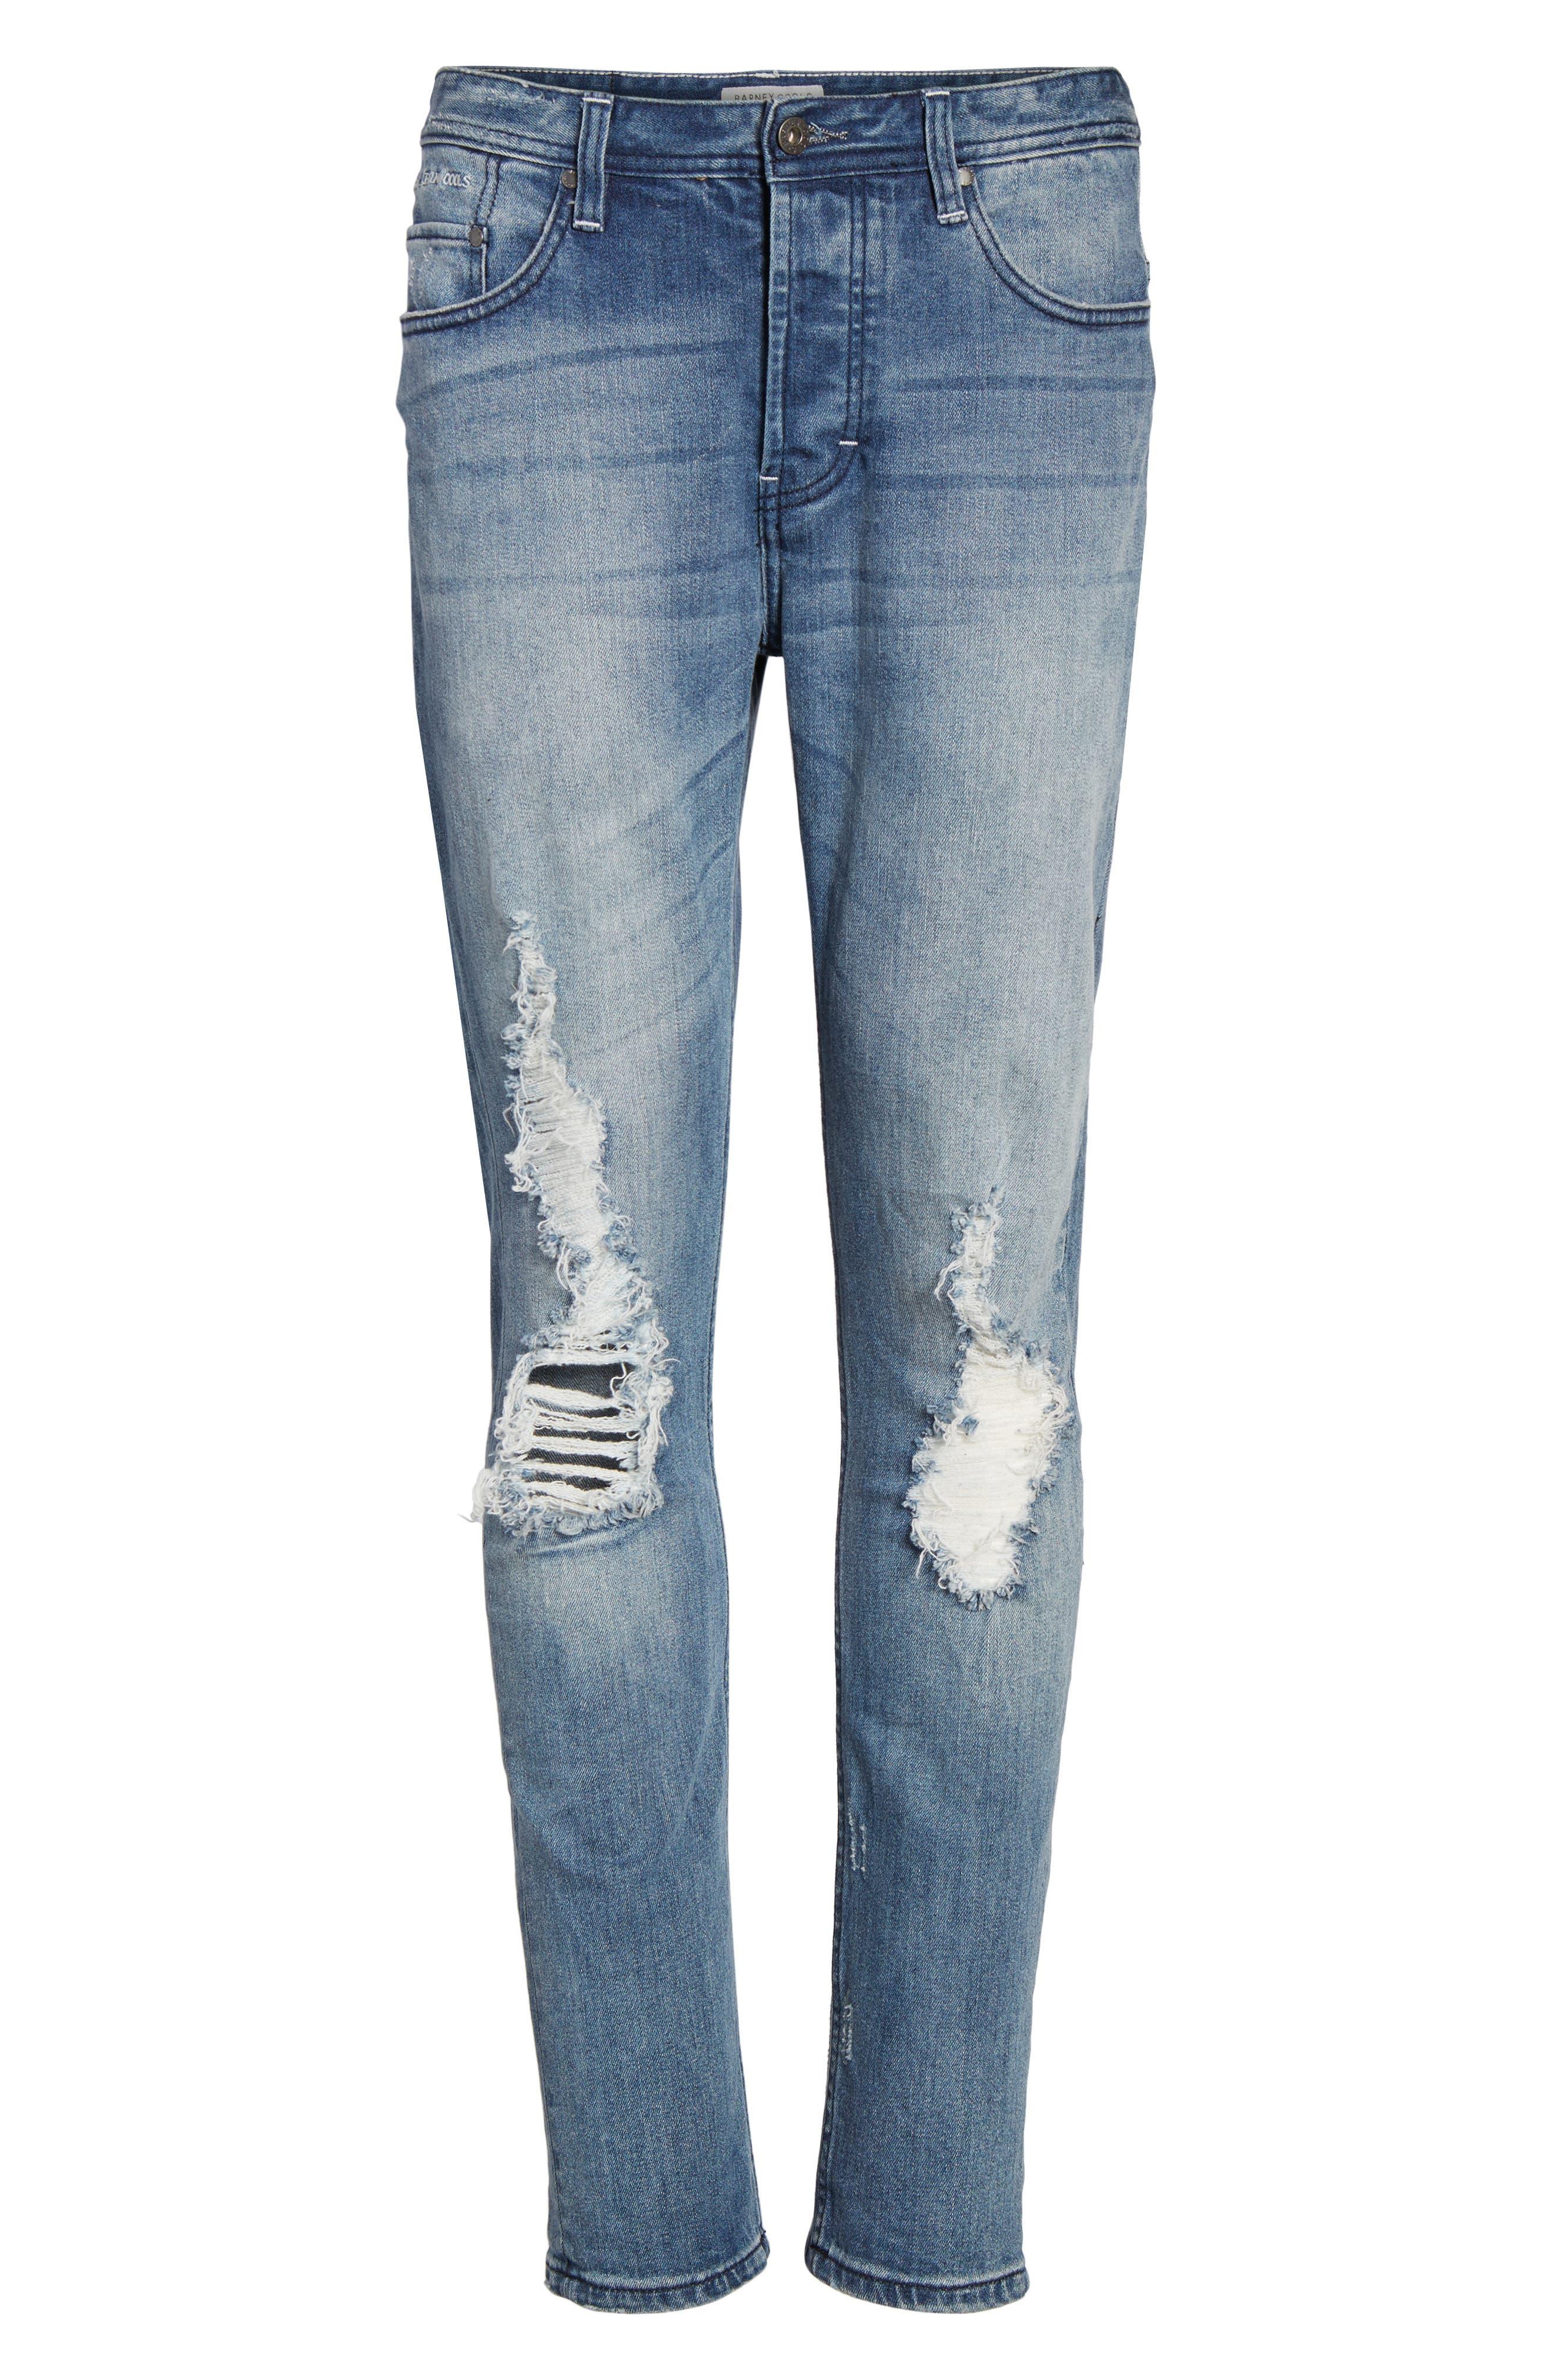 B.Line Slim Fit Jeans,                             Alternate thumbnail 6, color,                             Blow Out Stonewash